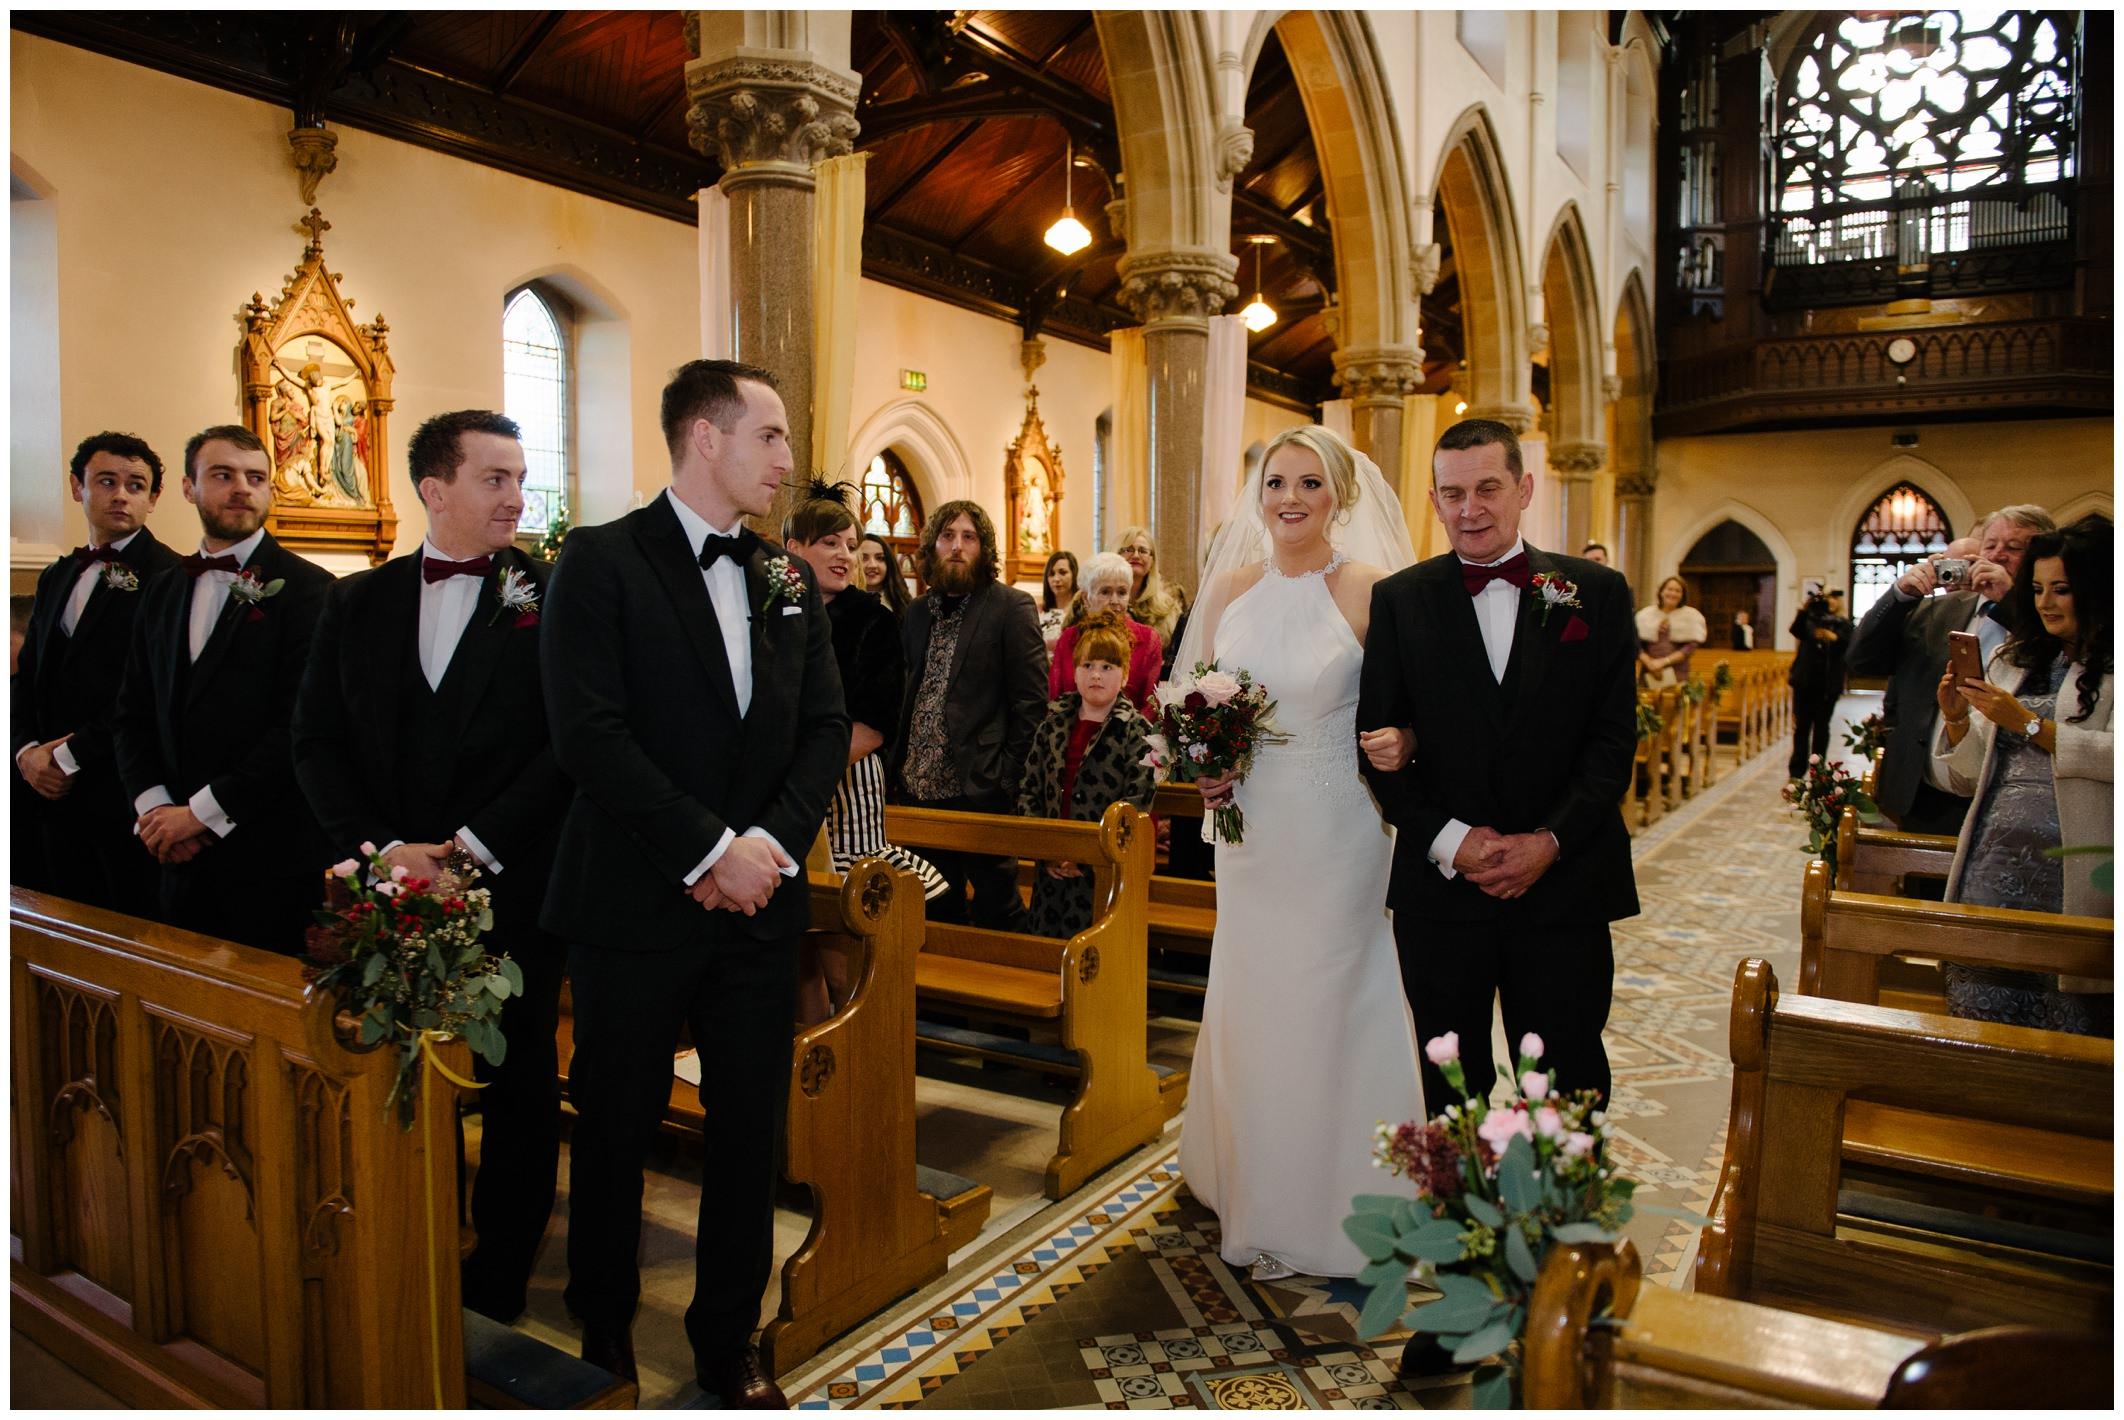 silver_tassie_wedding_jude_browne_photography_0030.jpg